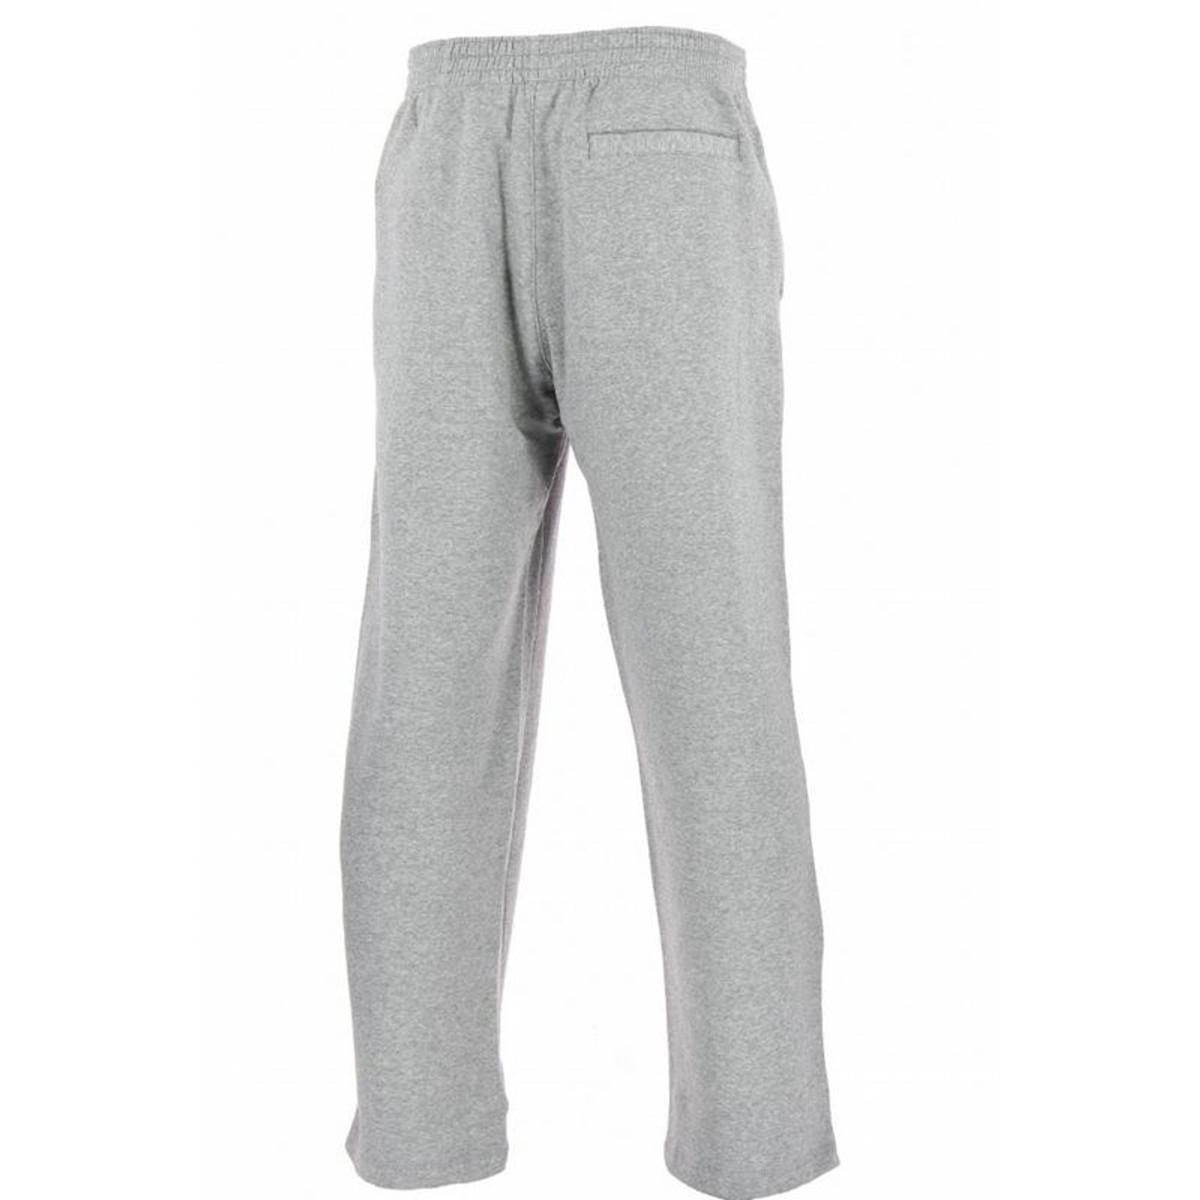 pantalon détente homme nike